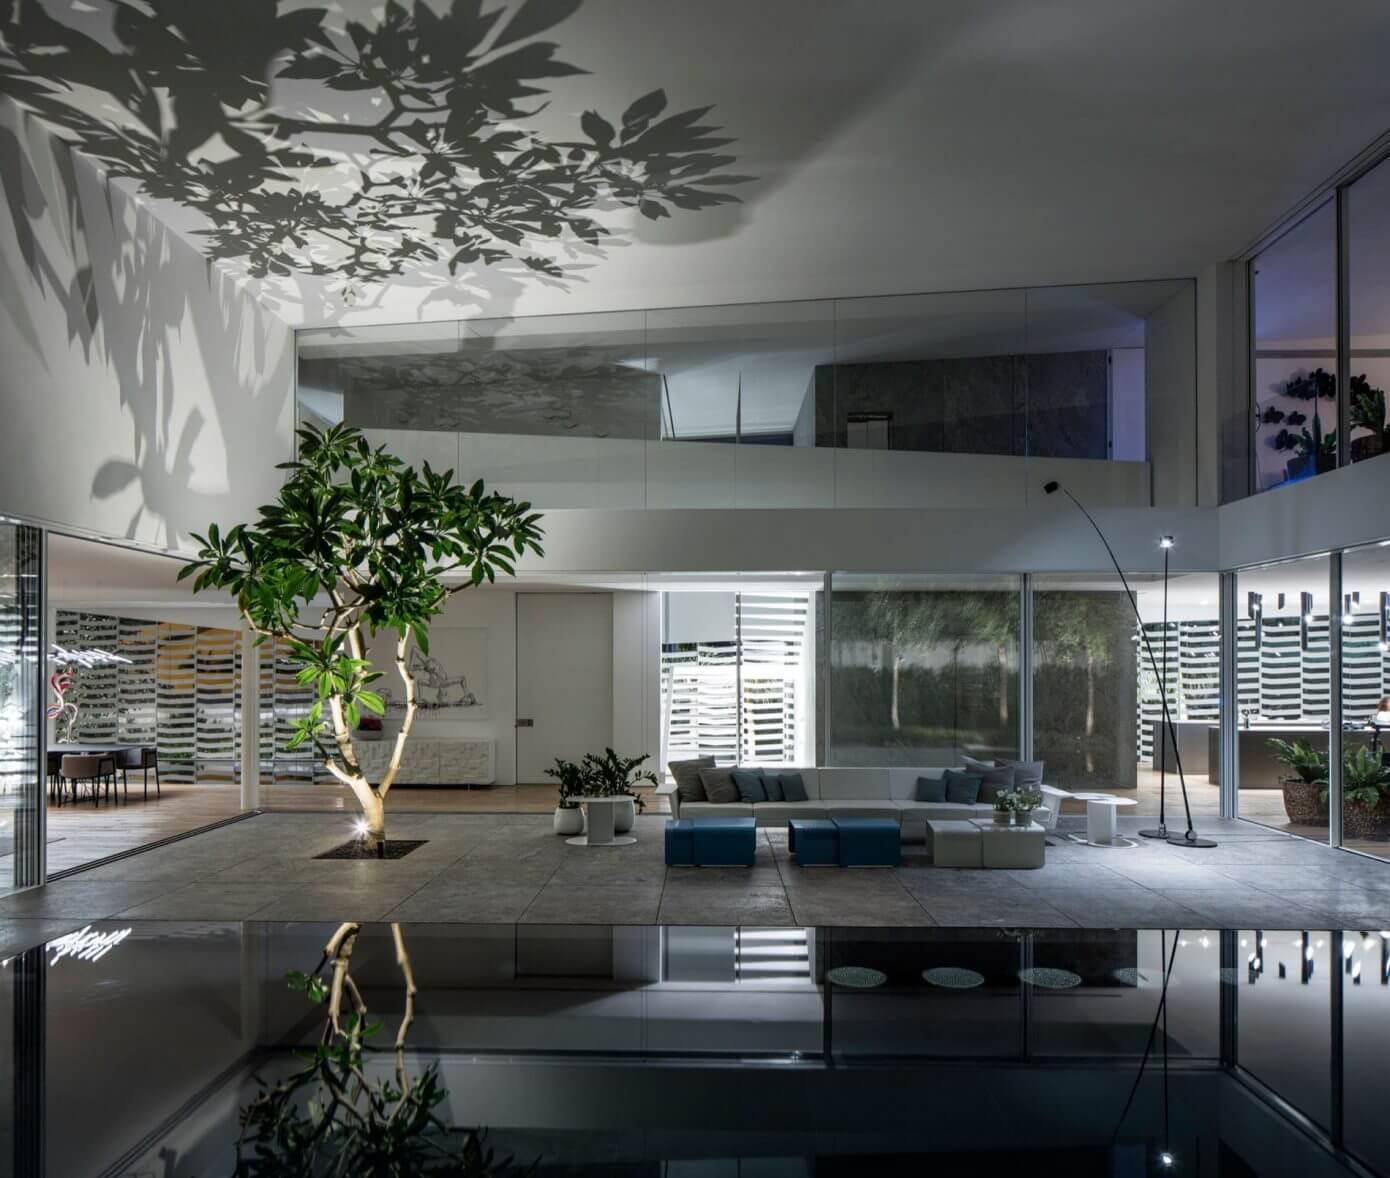 J House by Pitsou Kedem Architects